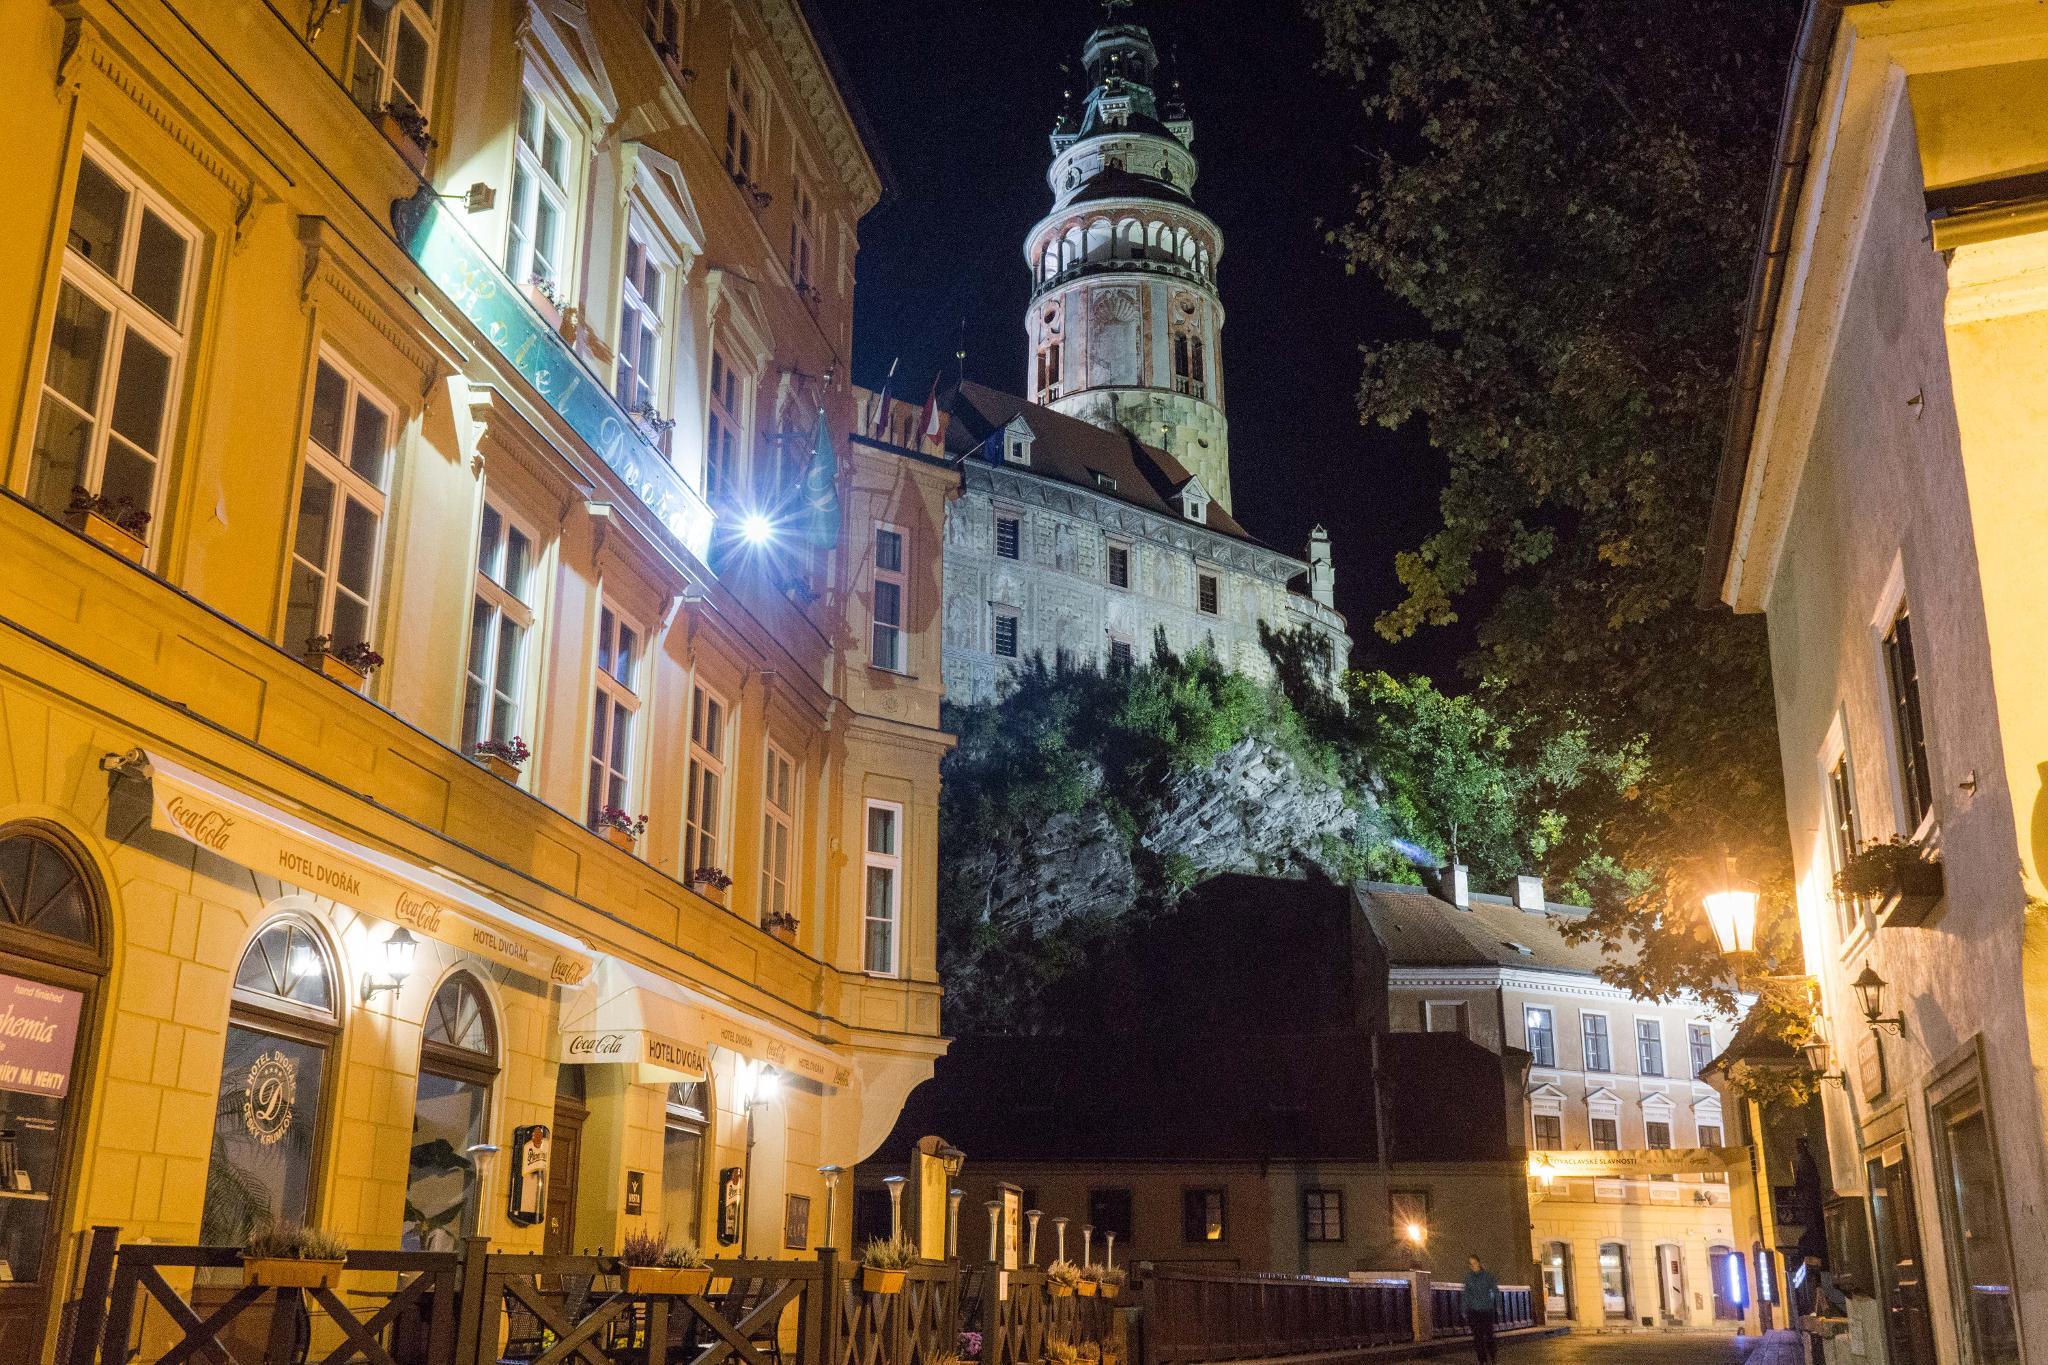 【捷克】行家推薦:Český Krumlov 庫倫洛夫攝影點總整理 & 私房夜景大公開! 33